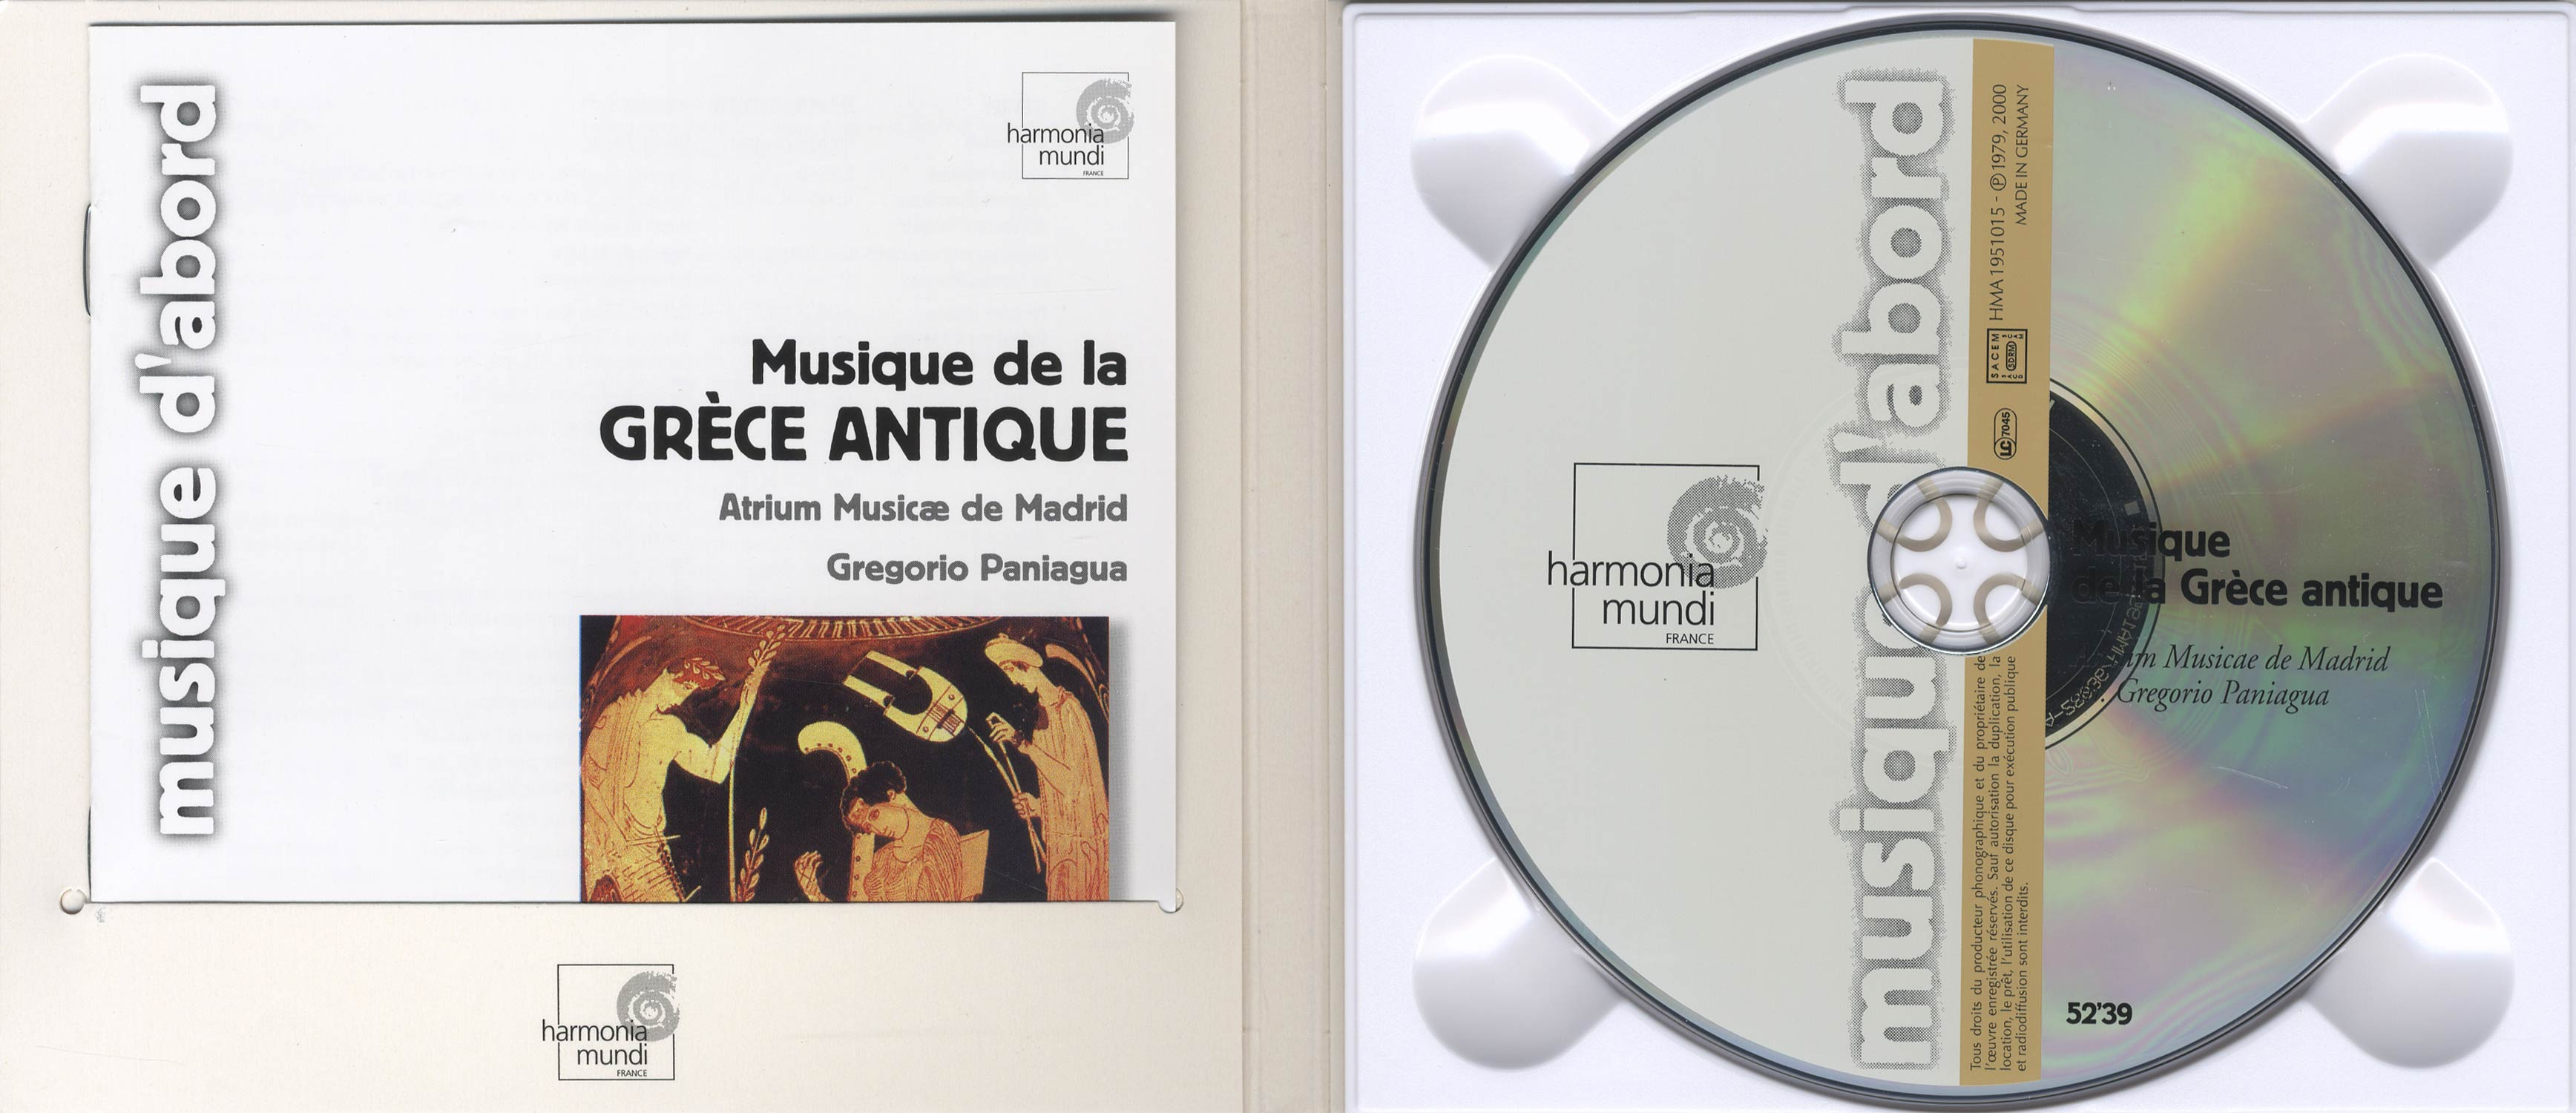 Musique de la Grèce Antique[image3]